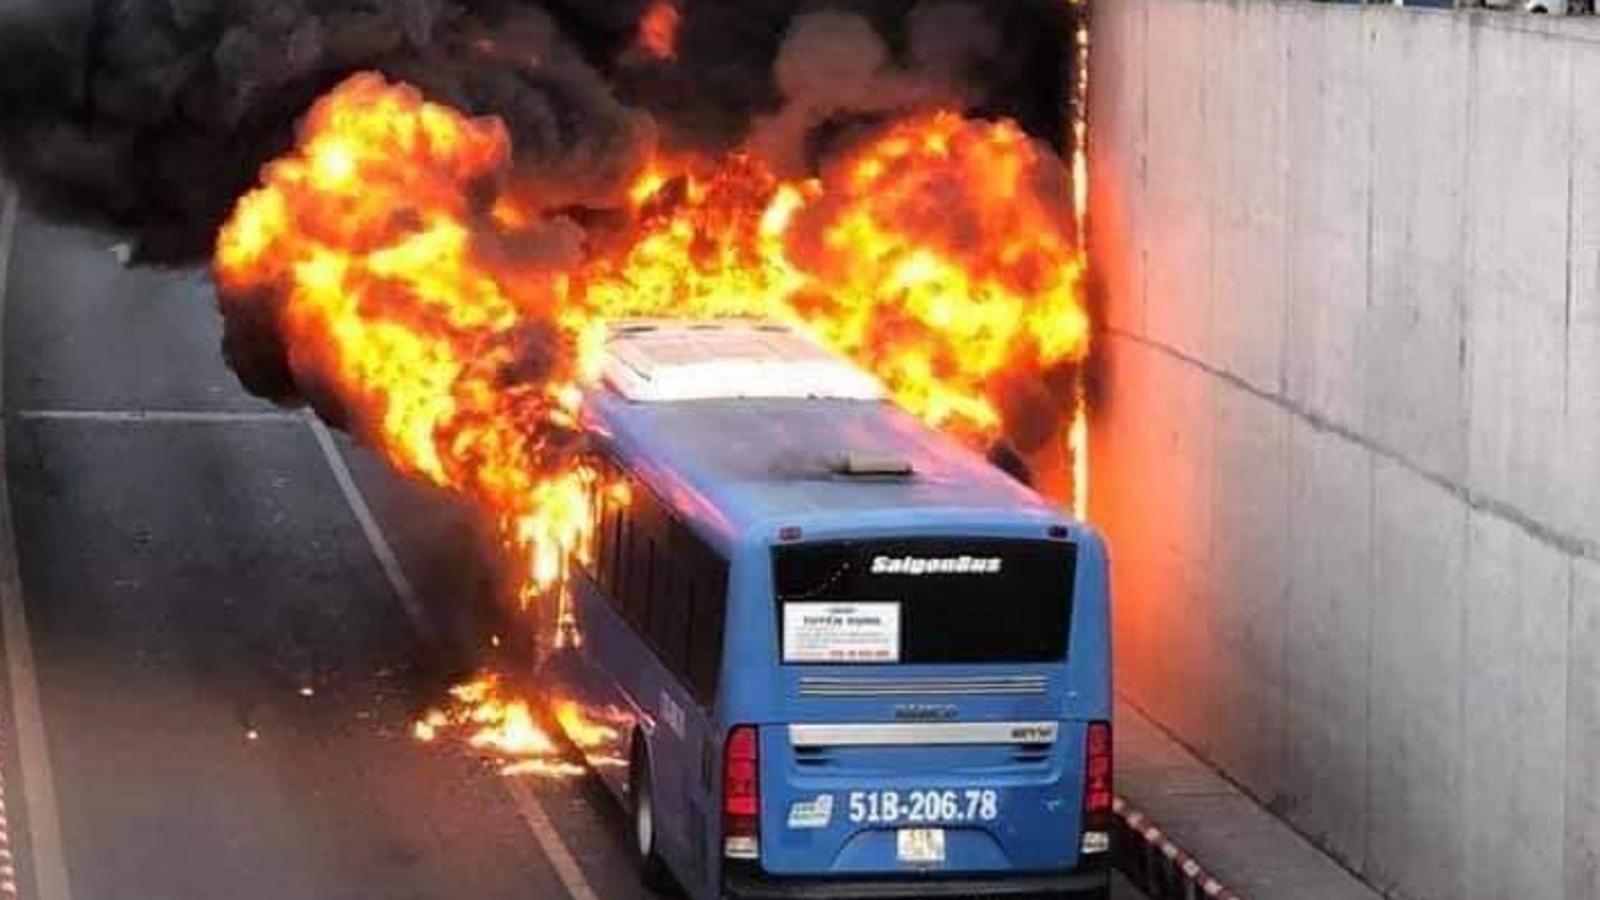 Đang lưu thông, một xe buýt bất ngờ bốc cháy trước cửa hầm chui An Sương